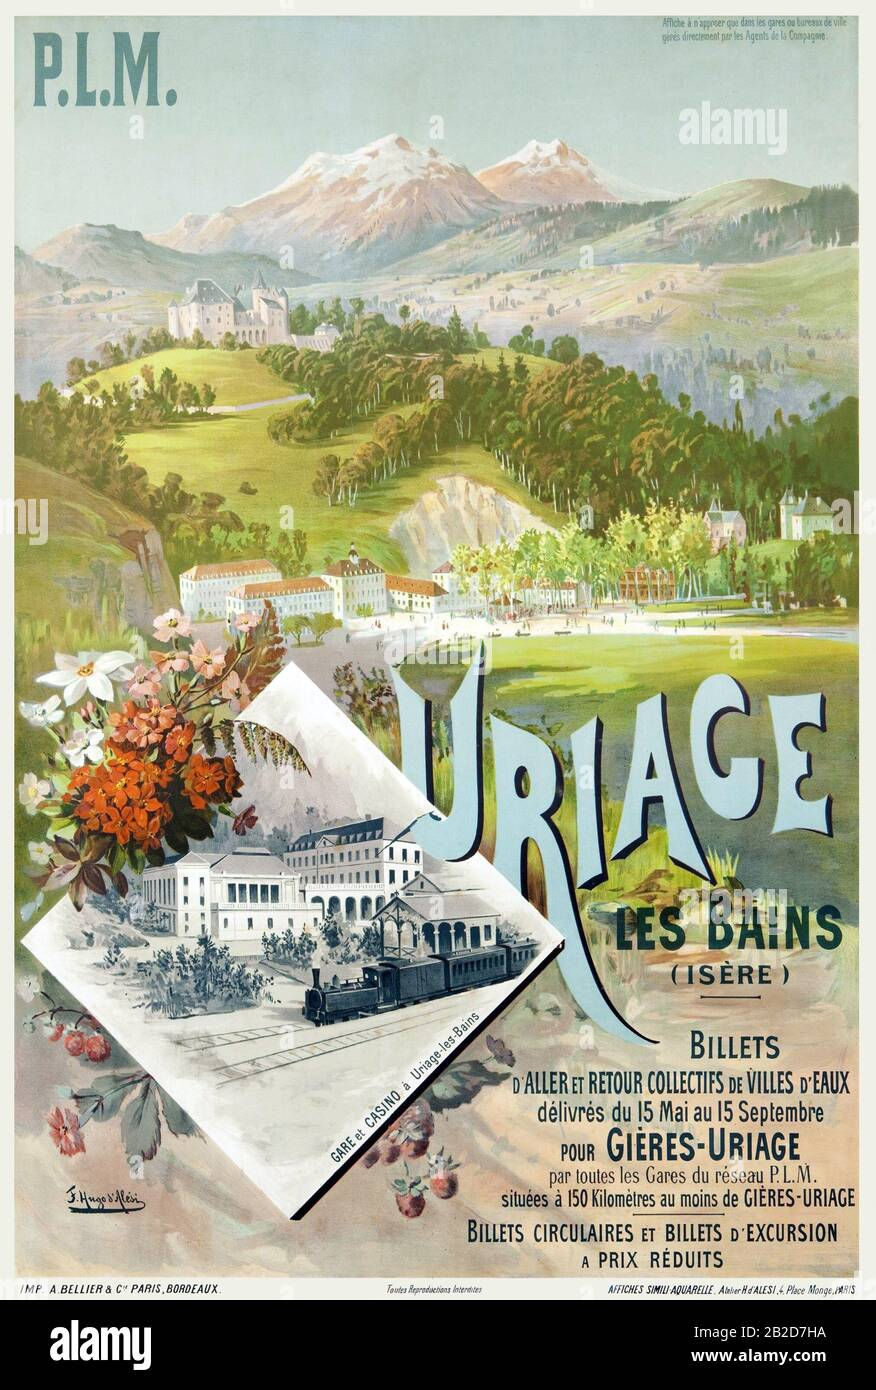 Uriage-les-Bains Affiche chemin de fer PLM